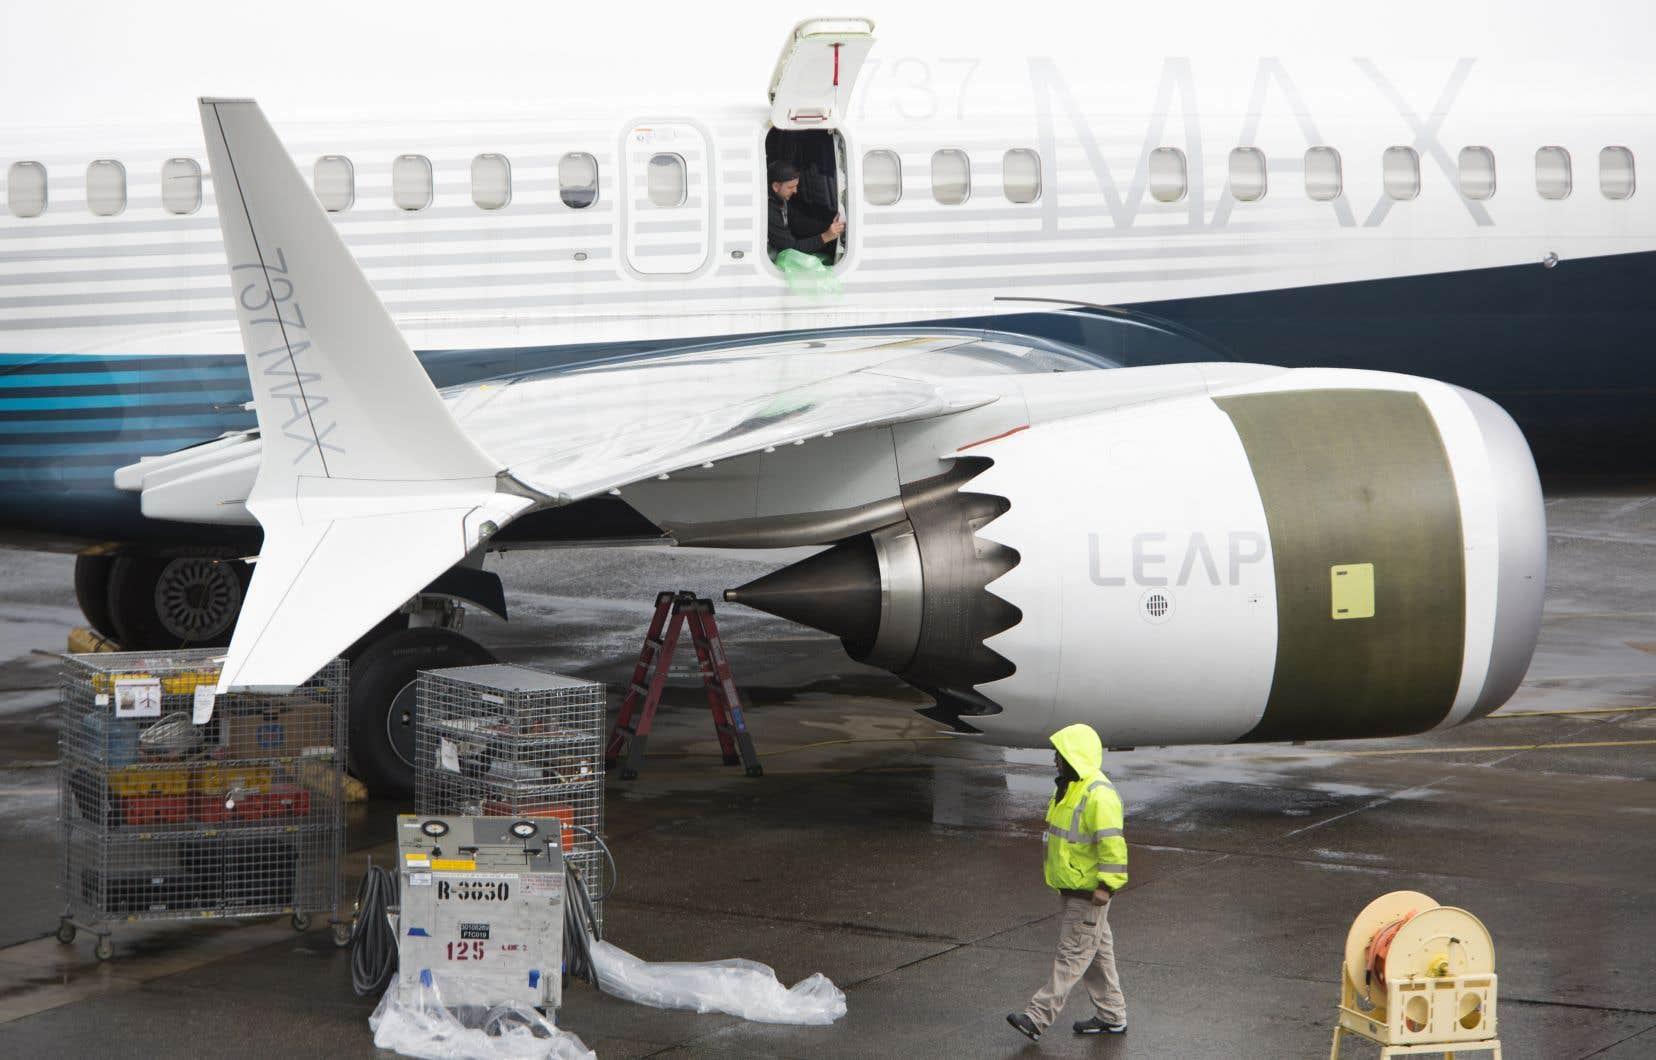 Après une série de pays asiatiques la veille, de nombreux États européens se sont ajoutés mardi à l'imposante liste de pays qui ont choisi de garder au sol les Boeing 737 MAX 8.